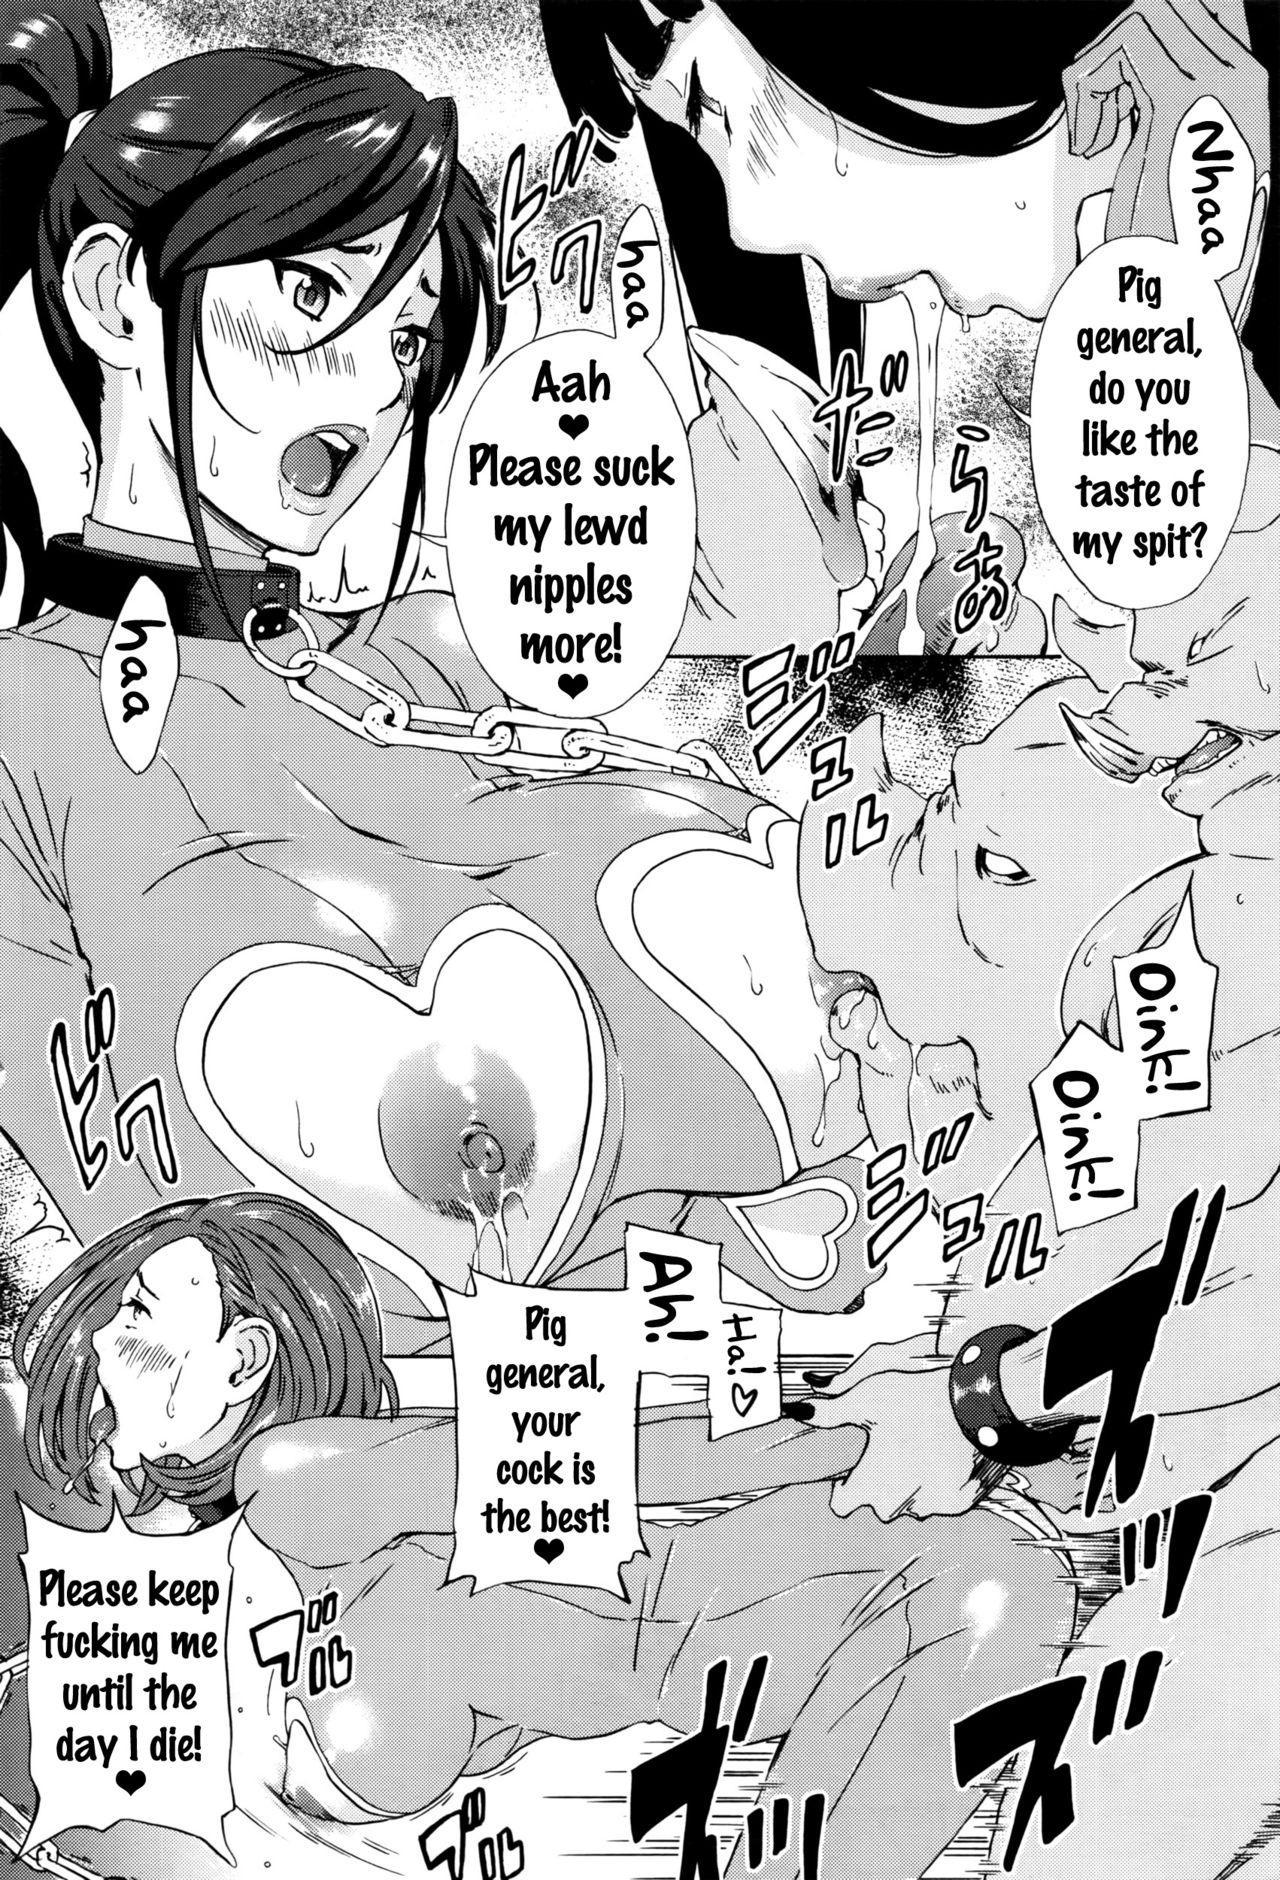 [Amano Ameno] Dai Buta Shougun no Gyakugeki ~Superheroine Taisen~ | Pig General's Counter Attack (COMIC Anthurium 2016-09) [English] {doujins.com} 13